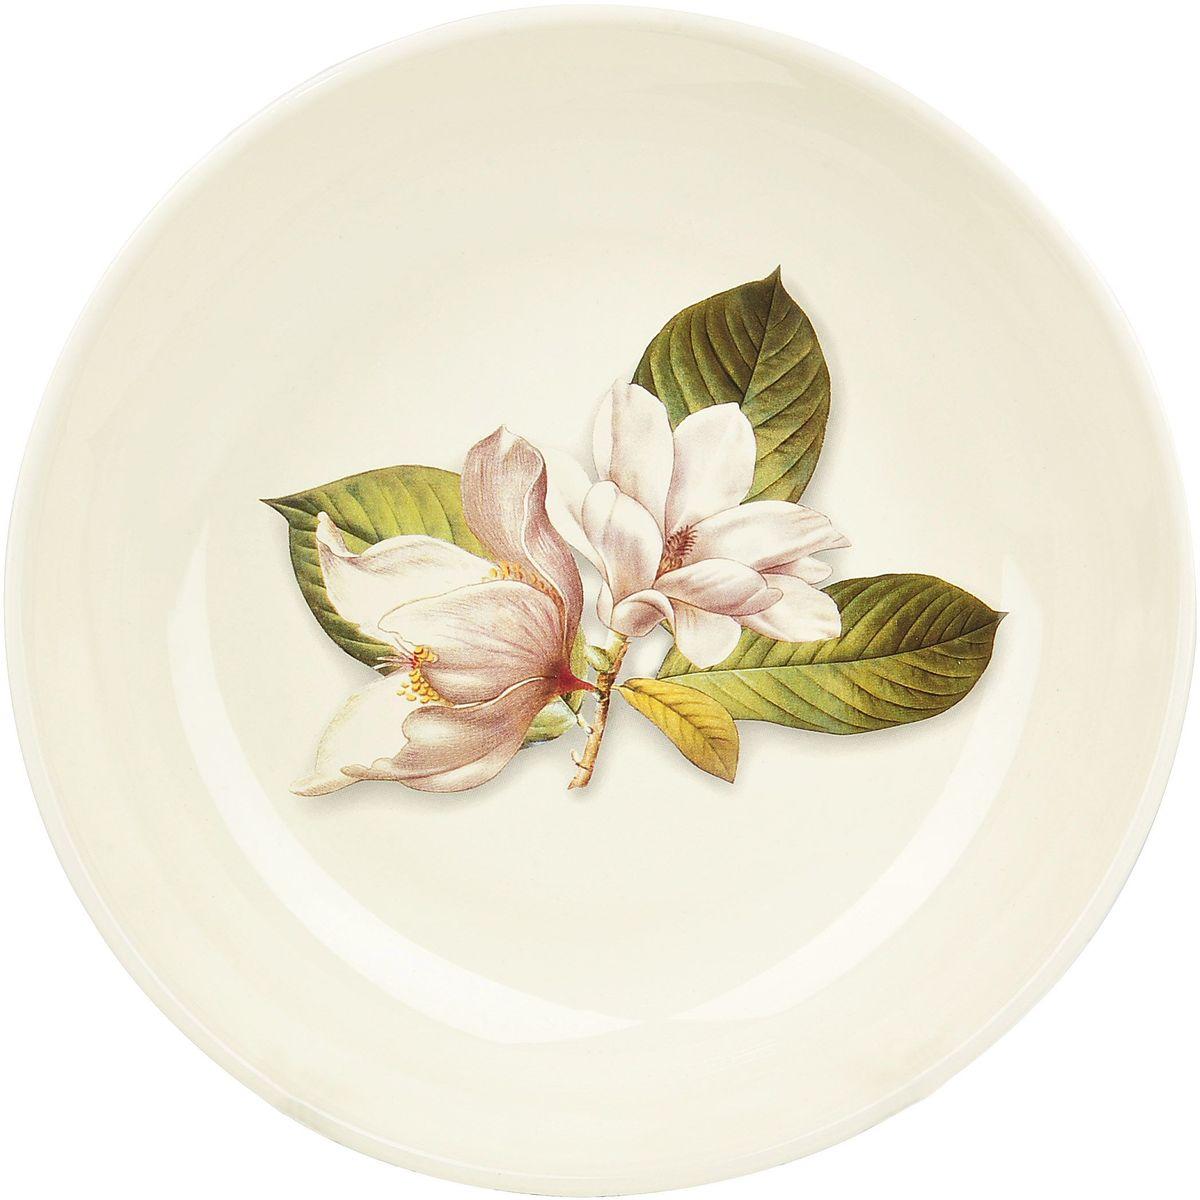 Тарелка обеденная ENS Group Танго Магнолия, диаметр 27 см54 009312Тарелка Танго Магнолия, изготовленная из высококачественного доломита, предназначена для красивой подачи различных блюд. Изделие декорировано изящным рисунком цветов и имеет изысканный внешний вид. Такая тарелка украсит сервировку стола и подчеркнет прекрасный вкус хозяйки.